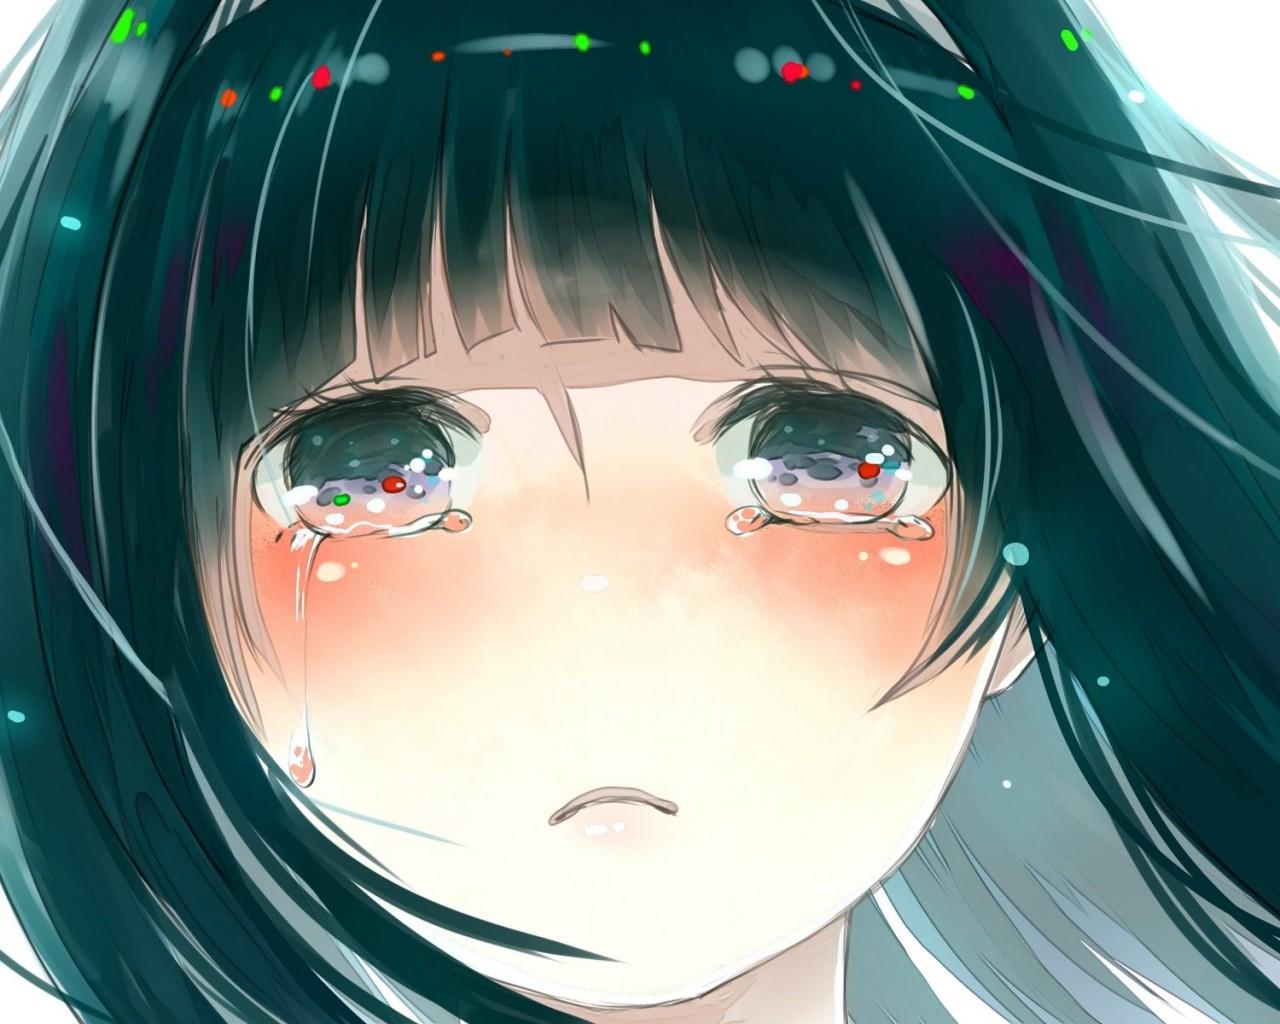 crying face - Hyouka Photo (36338444) - 211.9KB